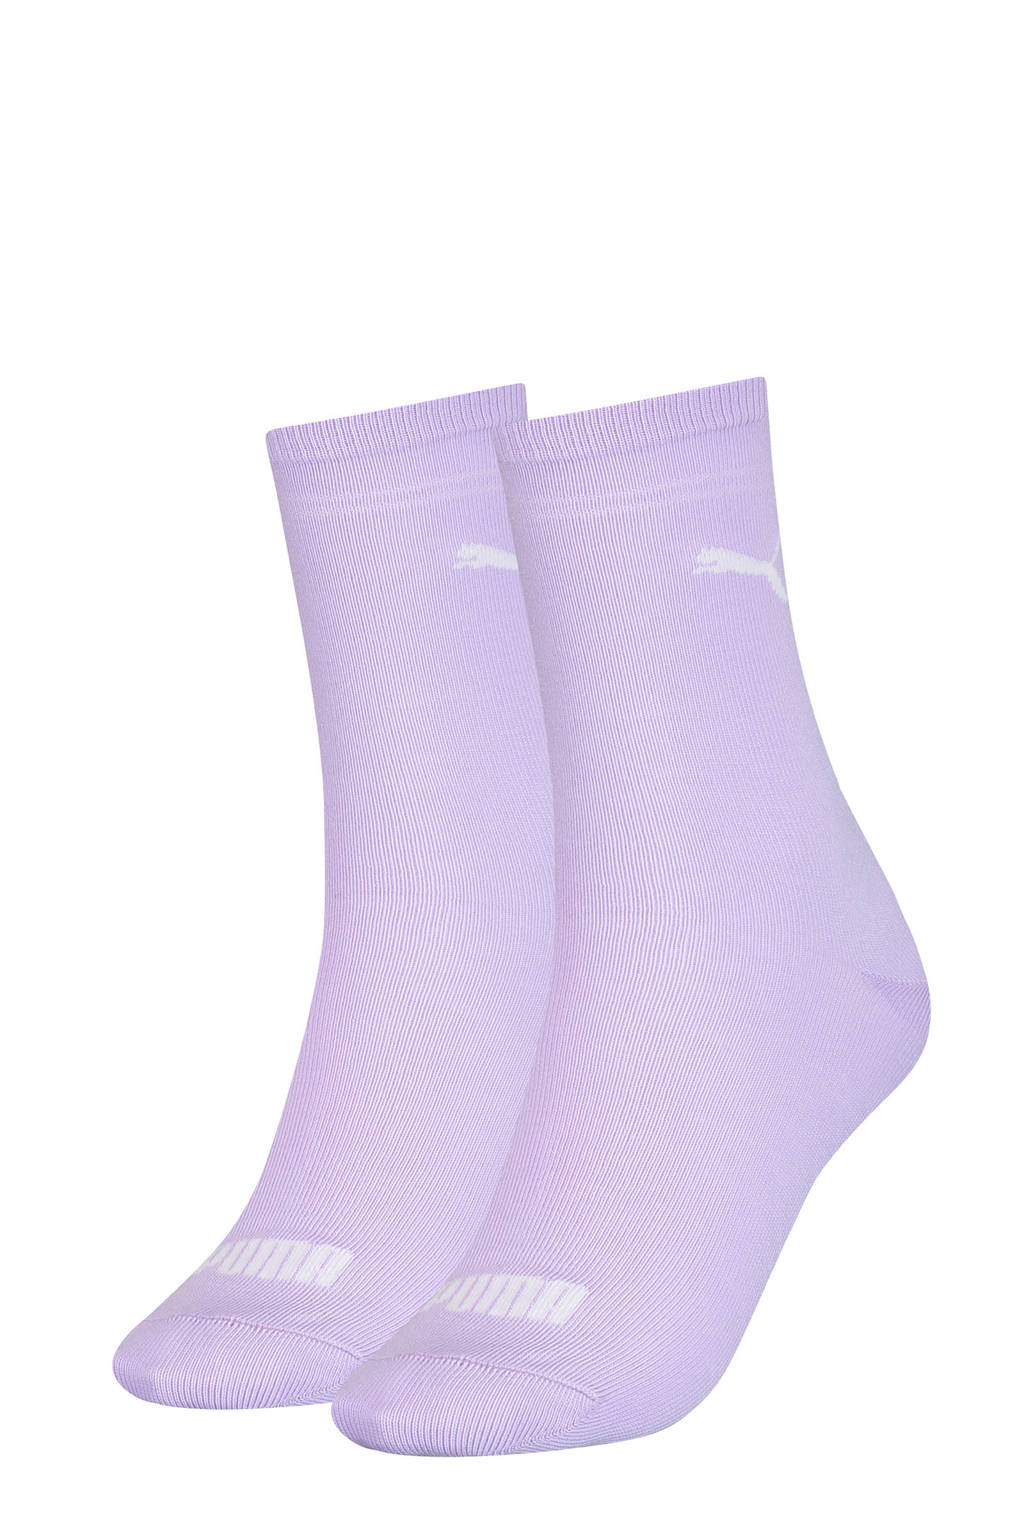 Puma sokken - set van 2 lila, Lila